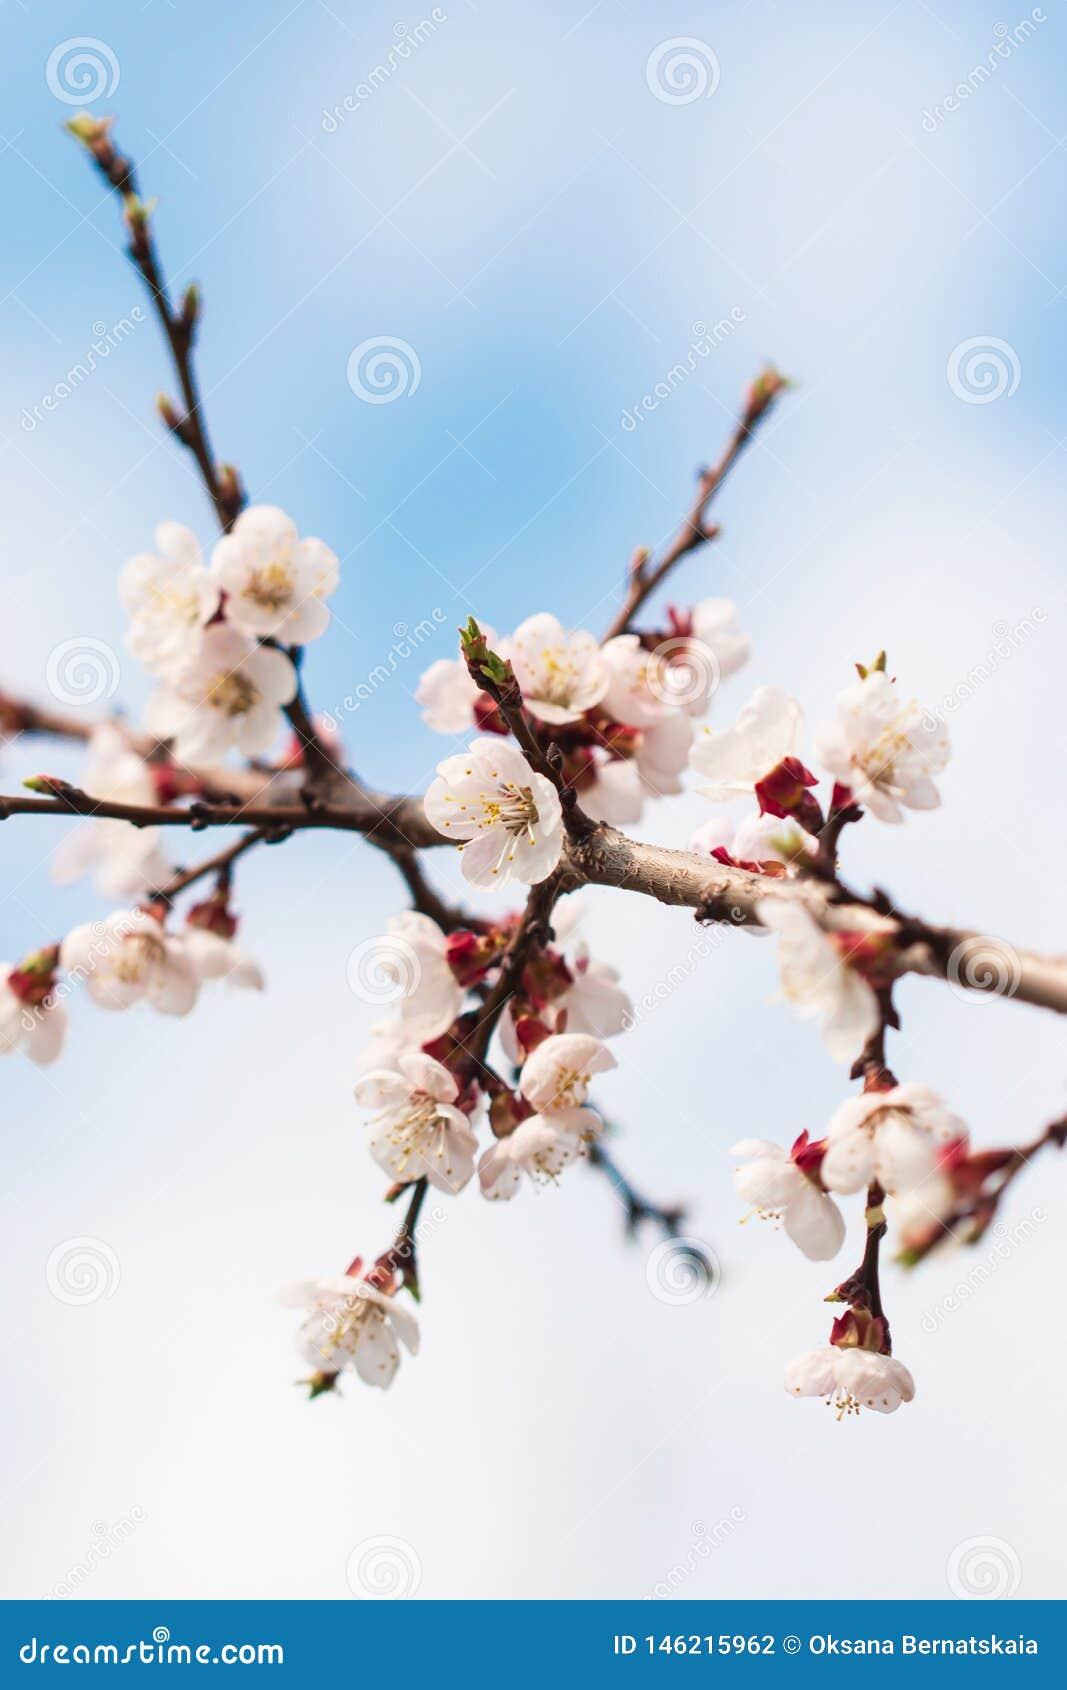 Aprikosenblumen auf einer Niederlassung gegen den Himmel